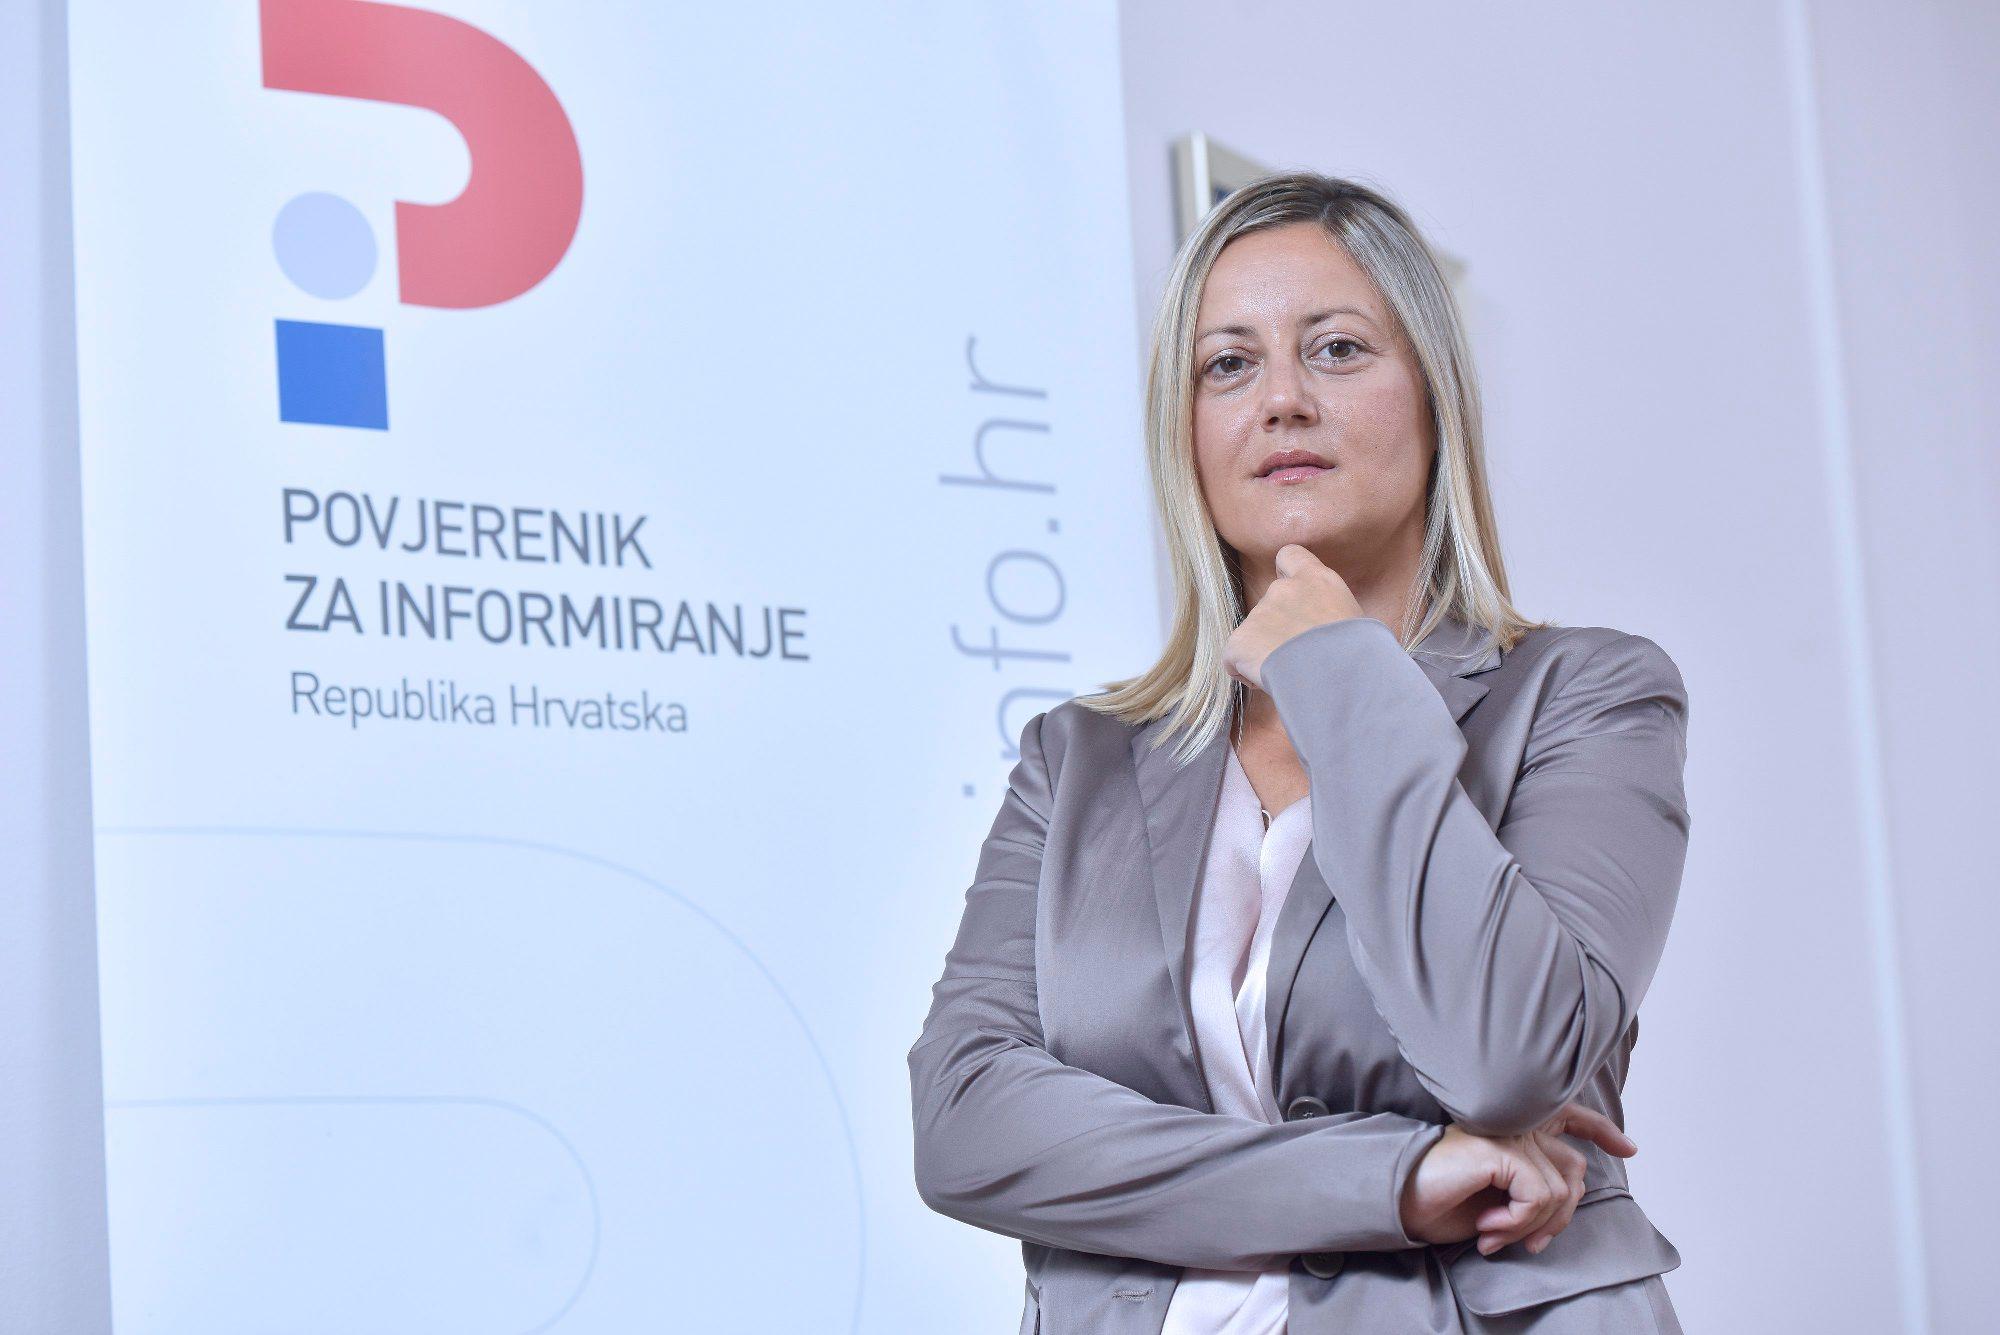 Povjerenica za informiranje Anamarija Musa